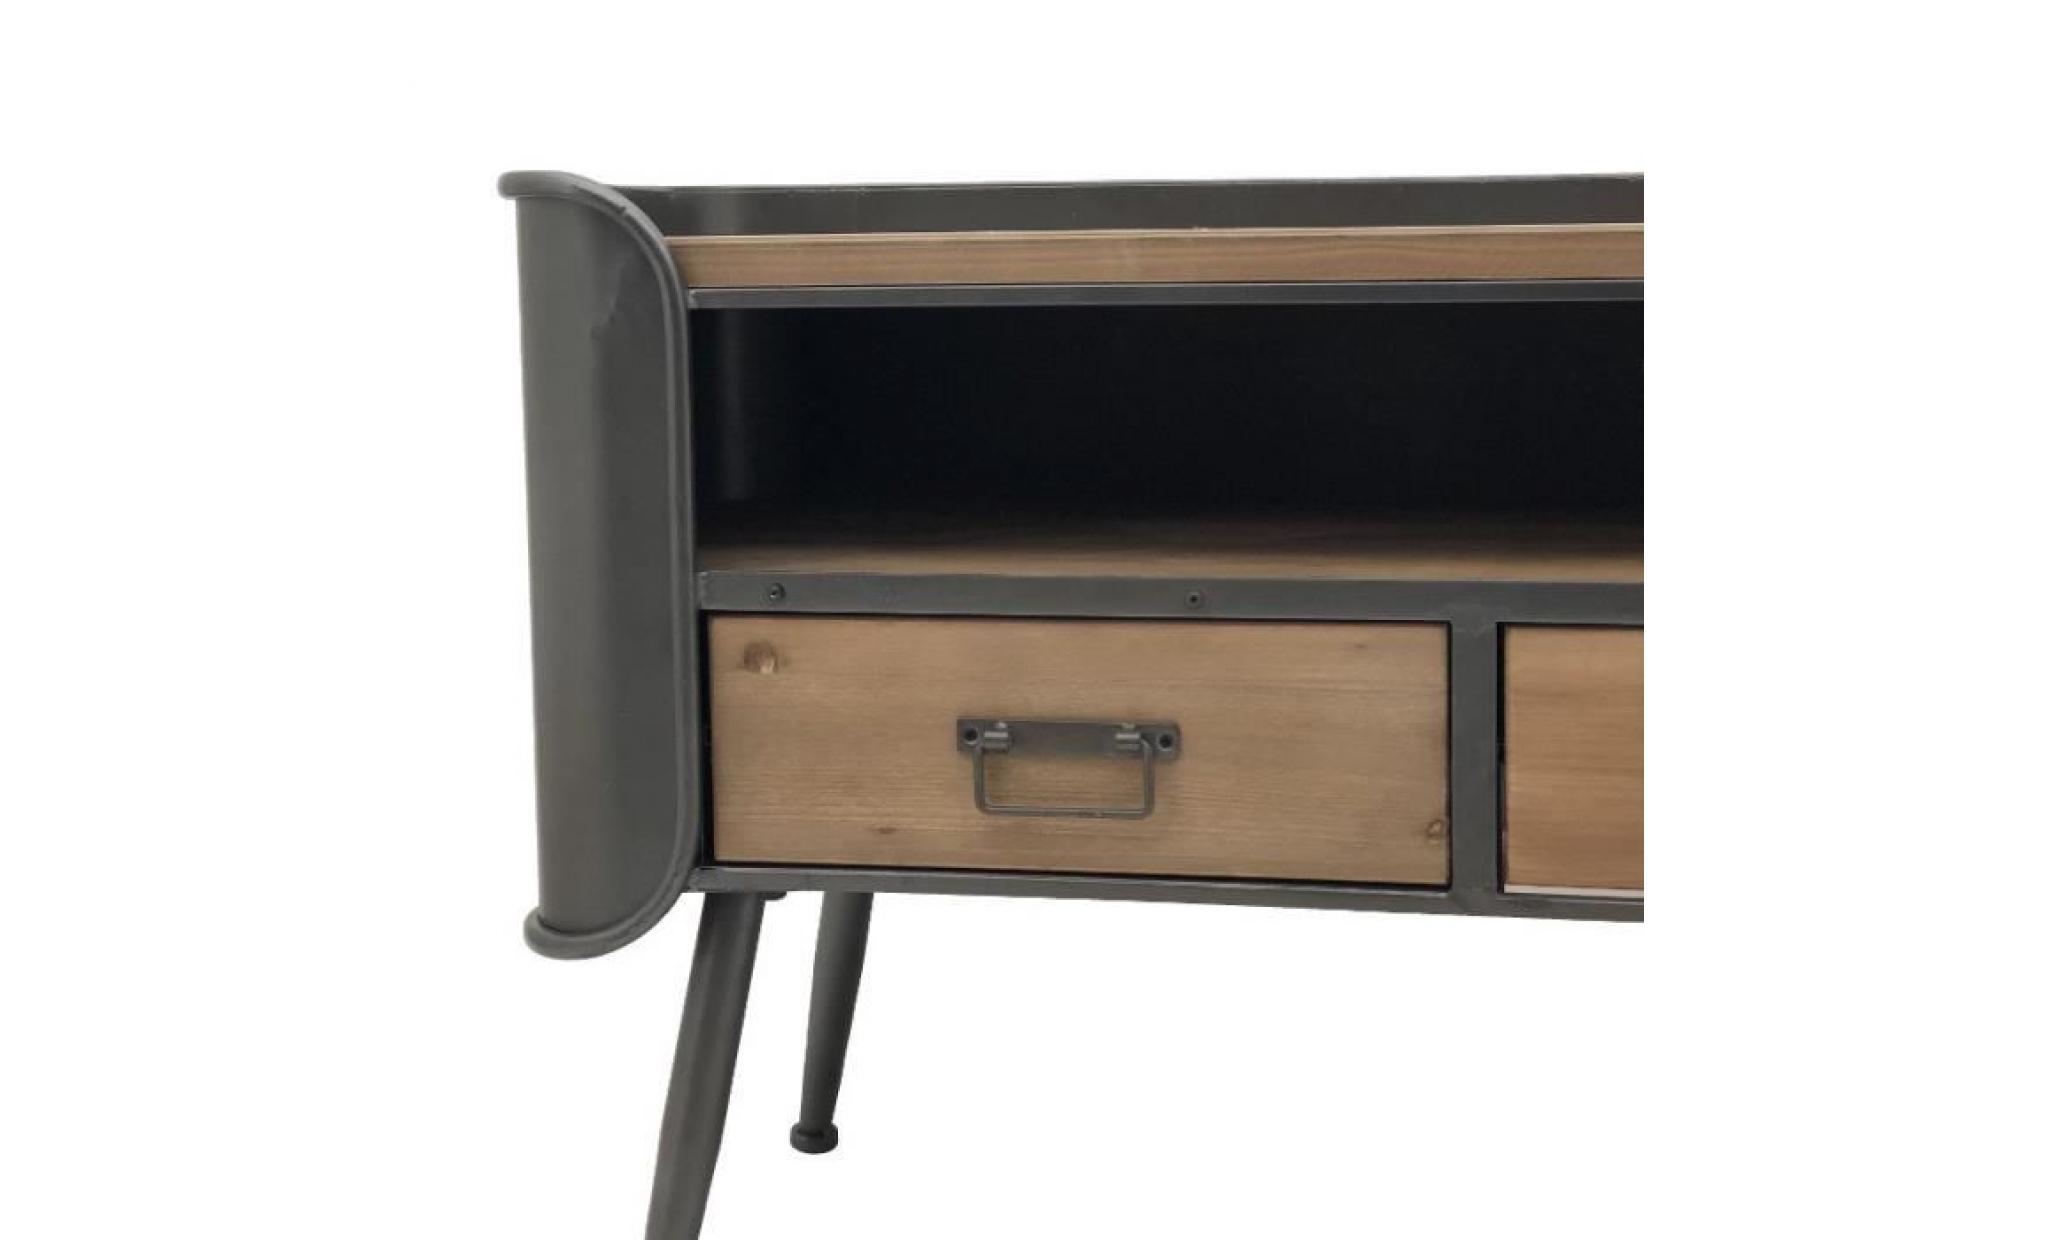 meuble tele tv enfilade industriel fer bois 140 cm x 64 cm 14140 bahut achat vente buffet pas cher couleur et design fr